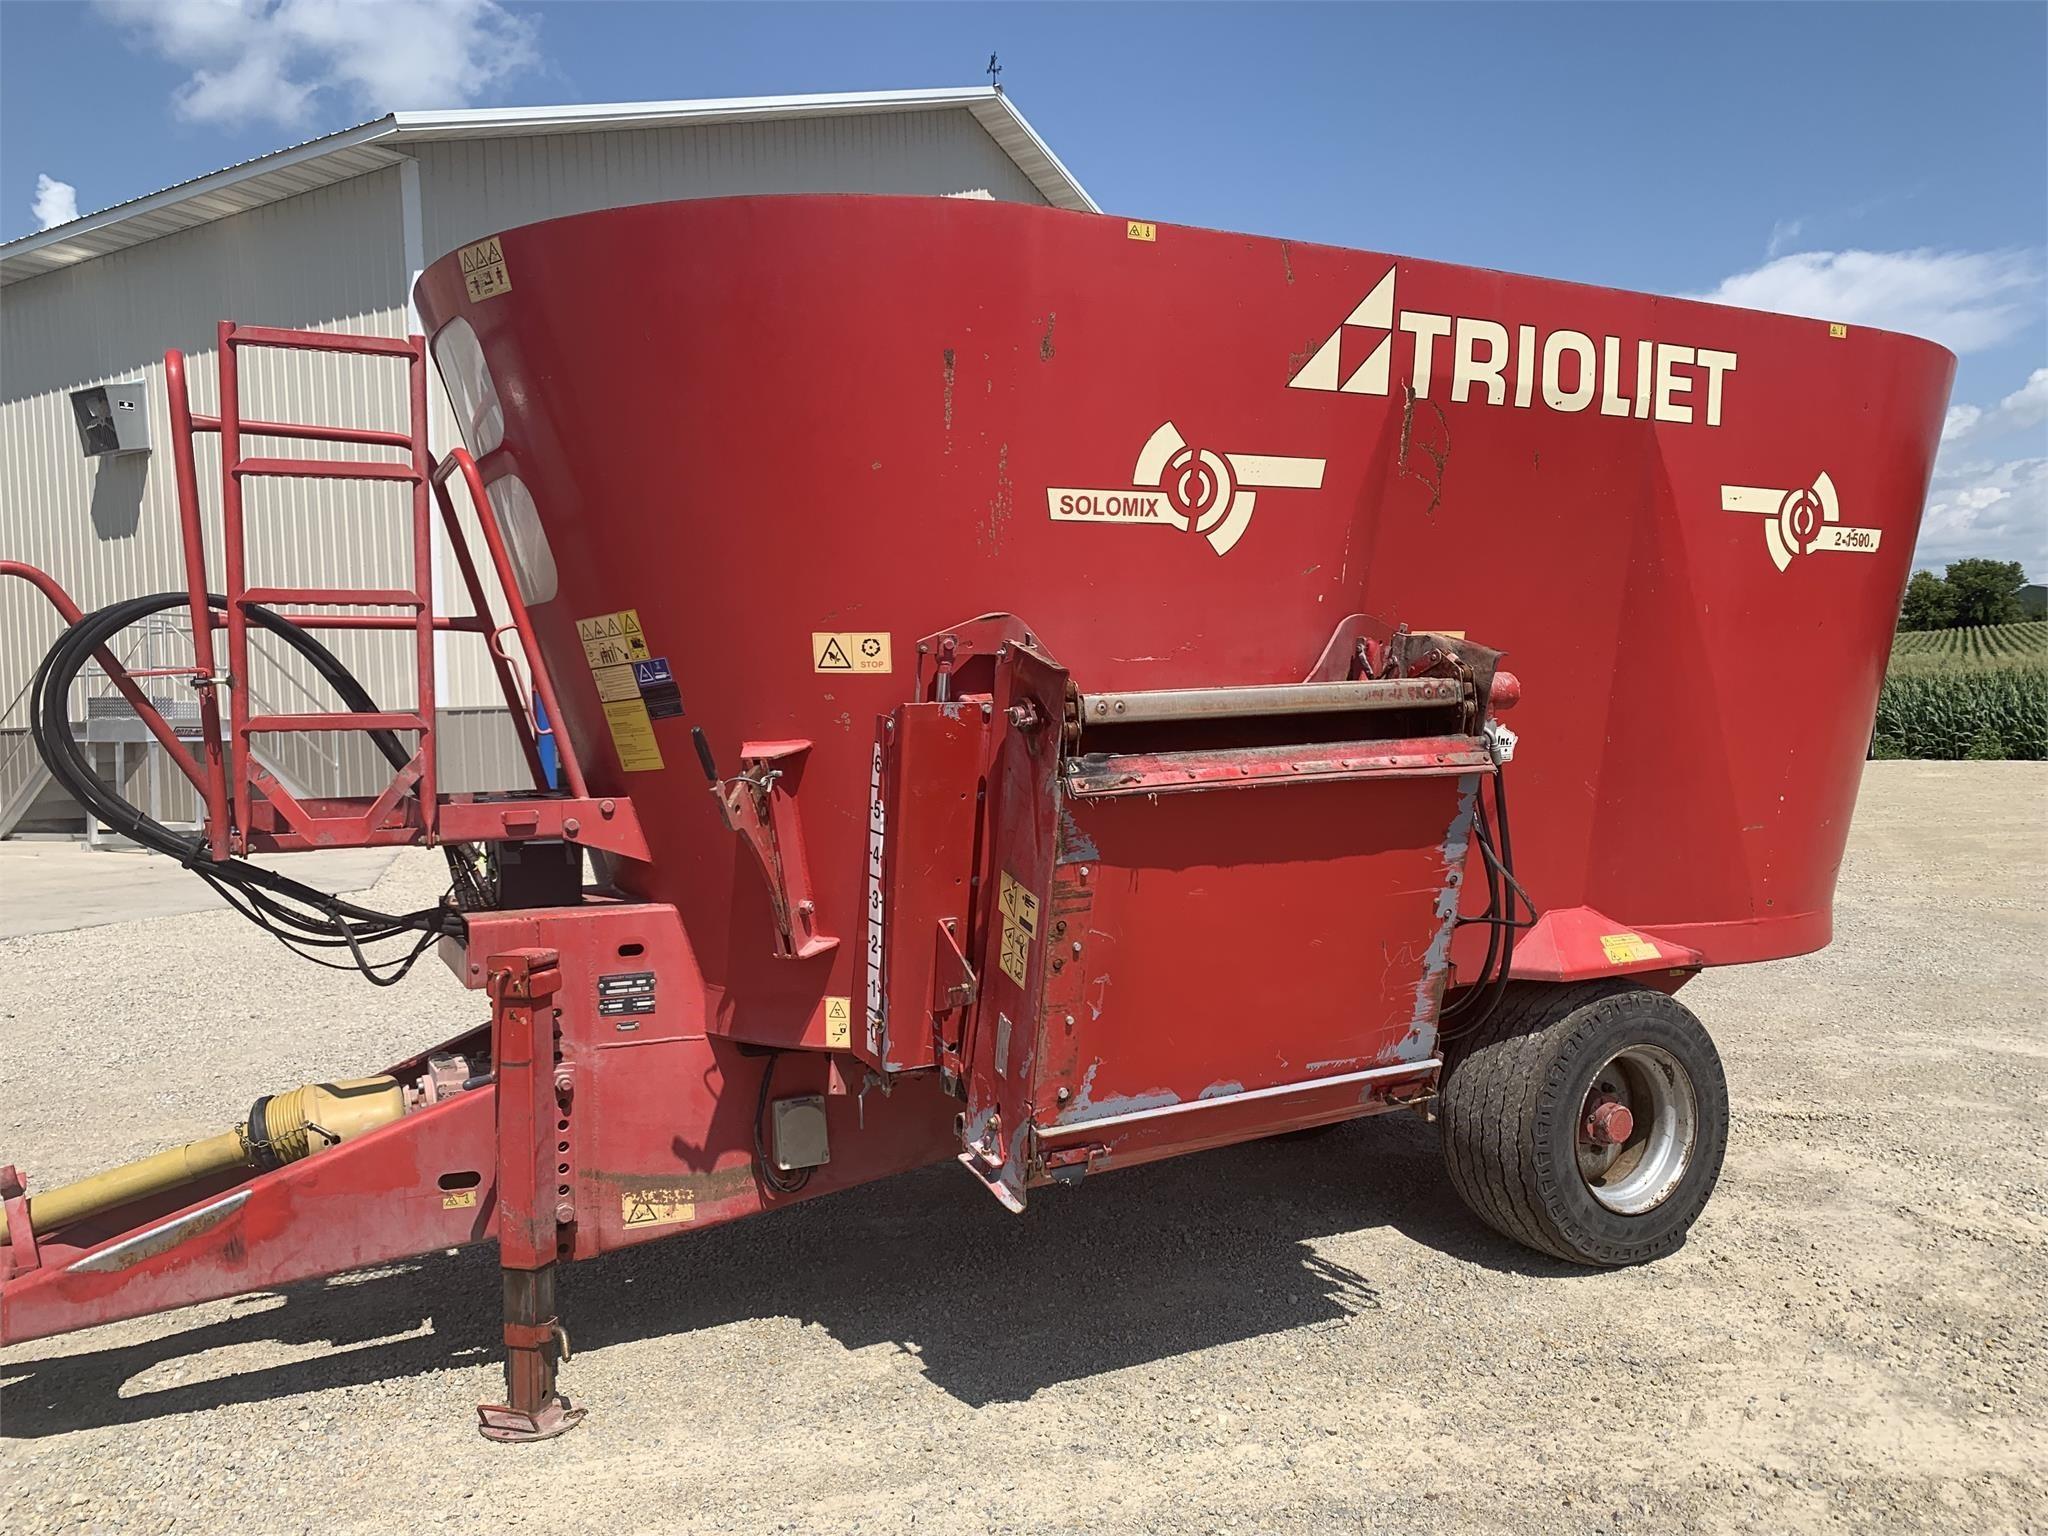 Trioliet Solomix 2-1500ZK Grinders and Mixer